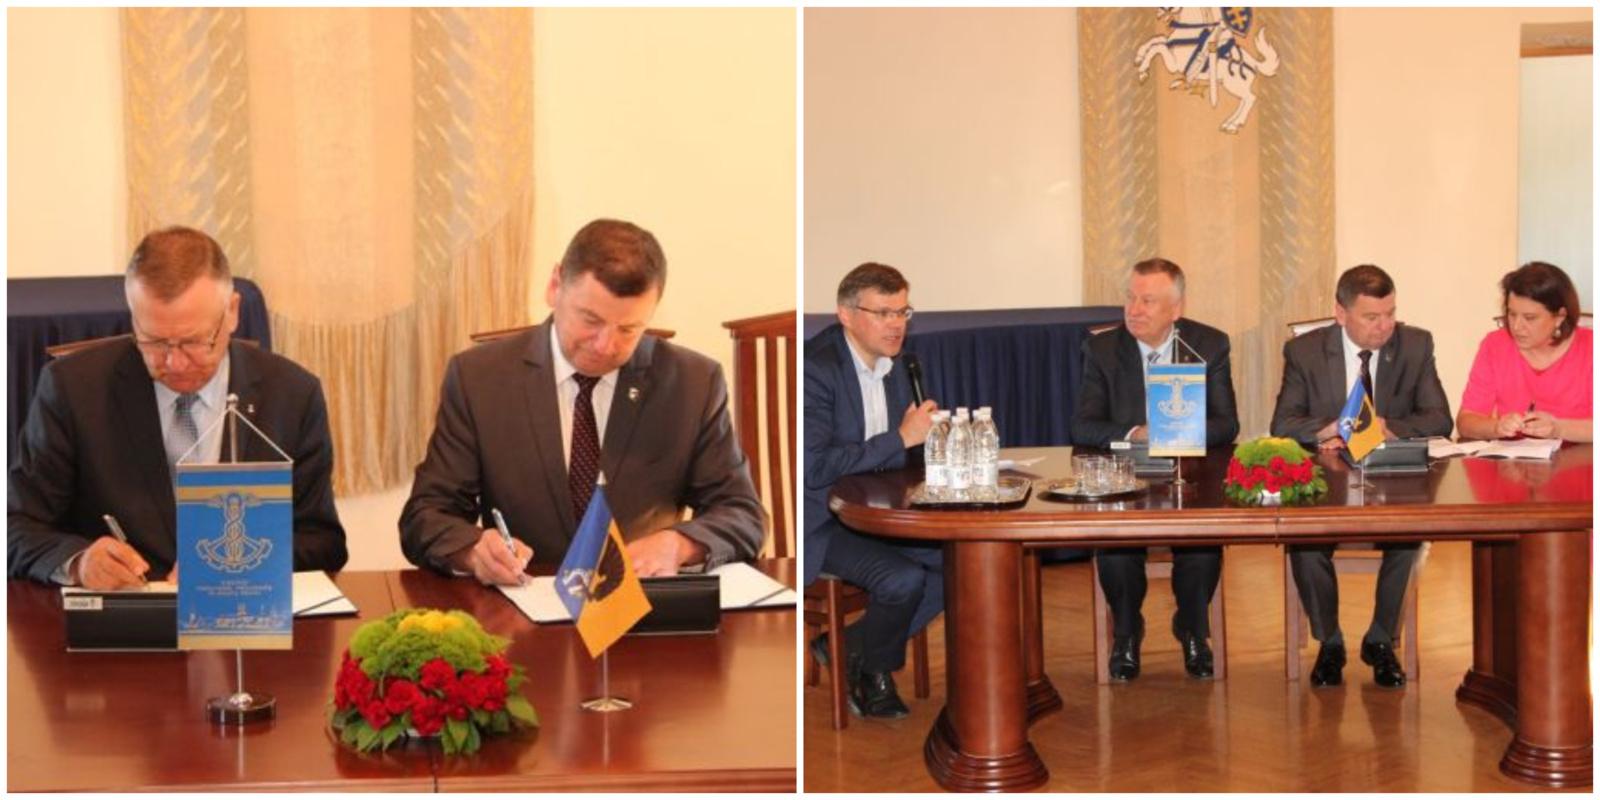 Įsteigta Kauno prekybos, pramonės ir amatų rūmų Kėdainių atstovybė – paskata verslui plėstis